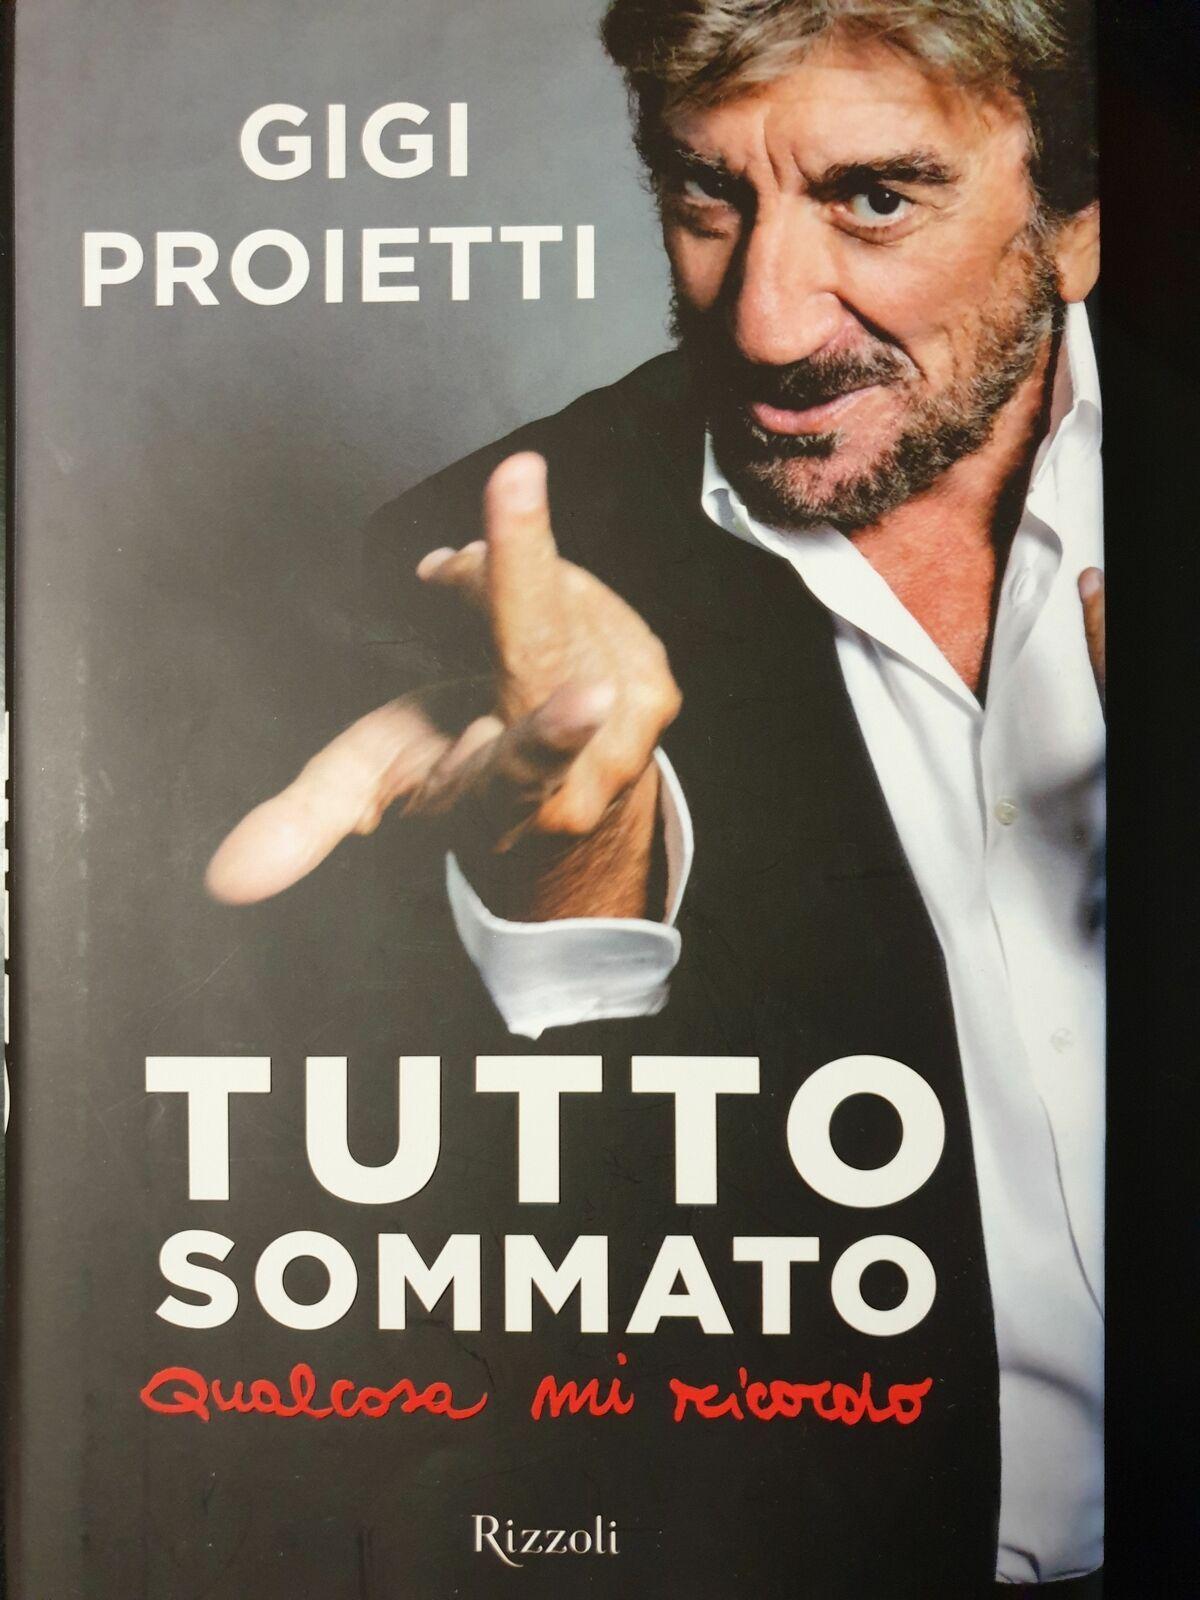 Addio a Gigi Proietti: su ebay la sua autobiografia prende il volo. Tutto sommato, qualcuno si ricorda!